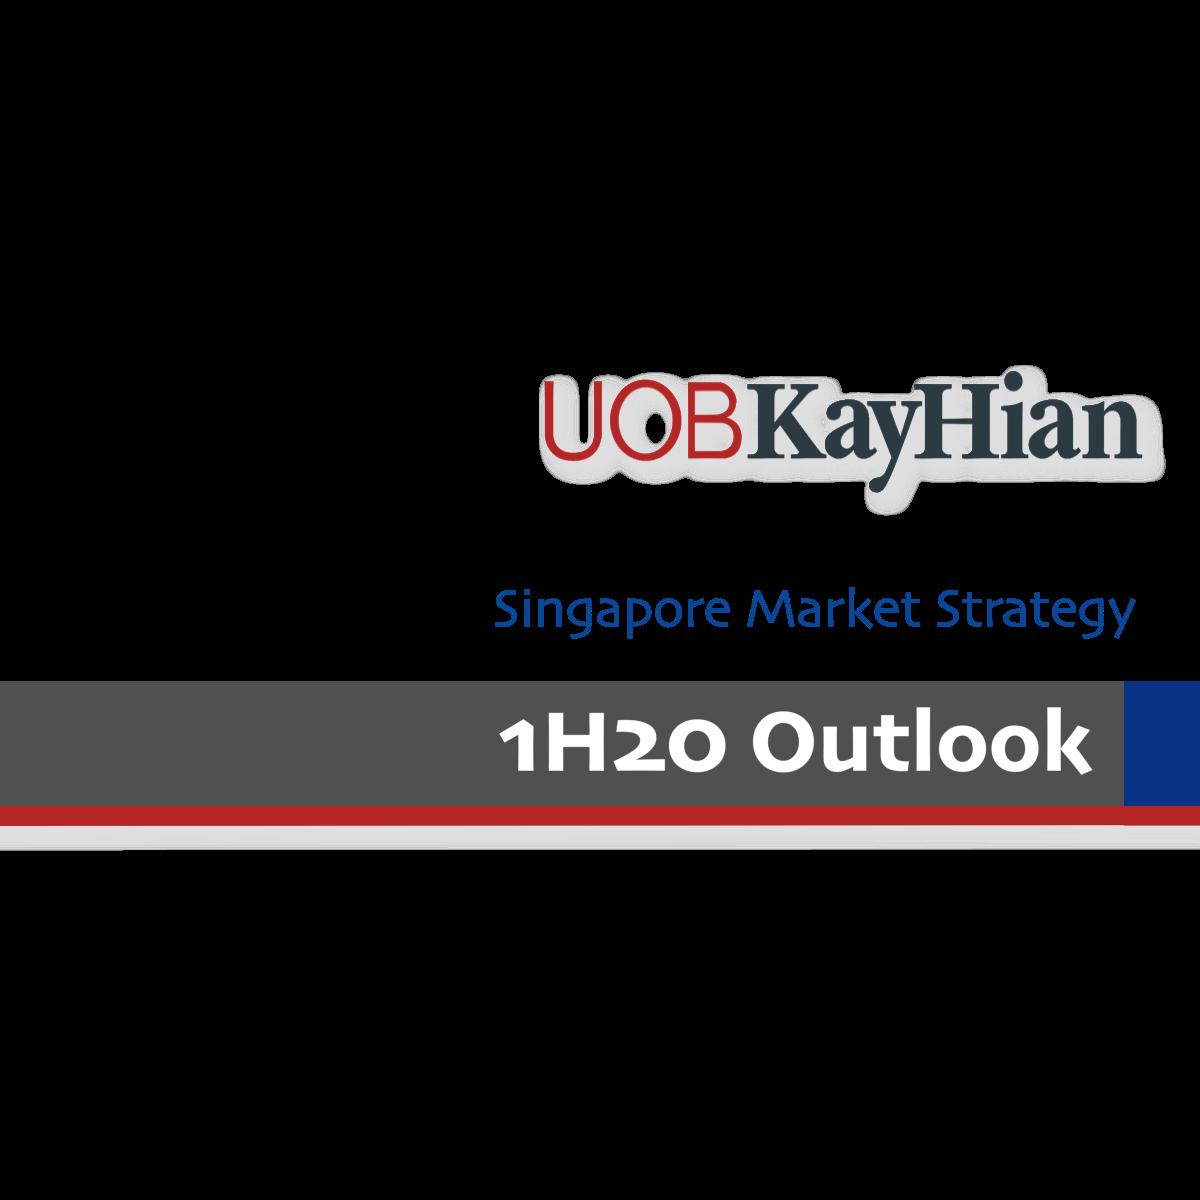 Singapore 1H20 Outlook - UOB Kay Hian Research | SGinvestors.io